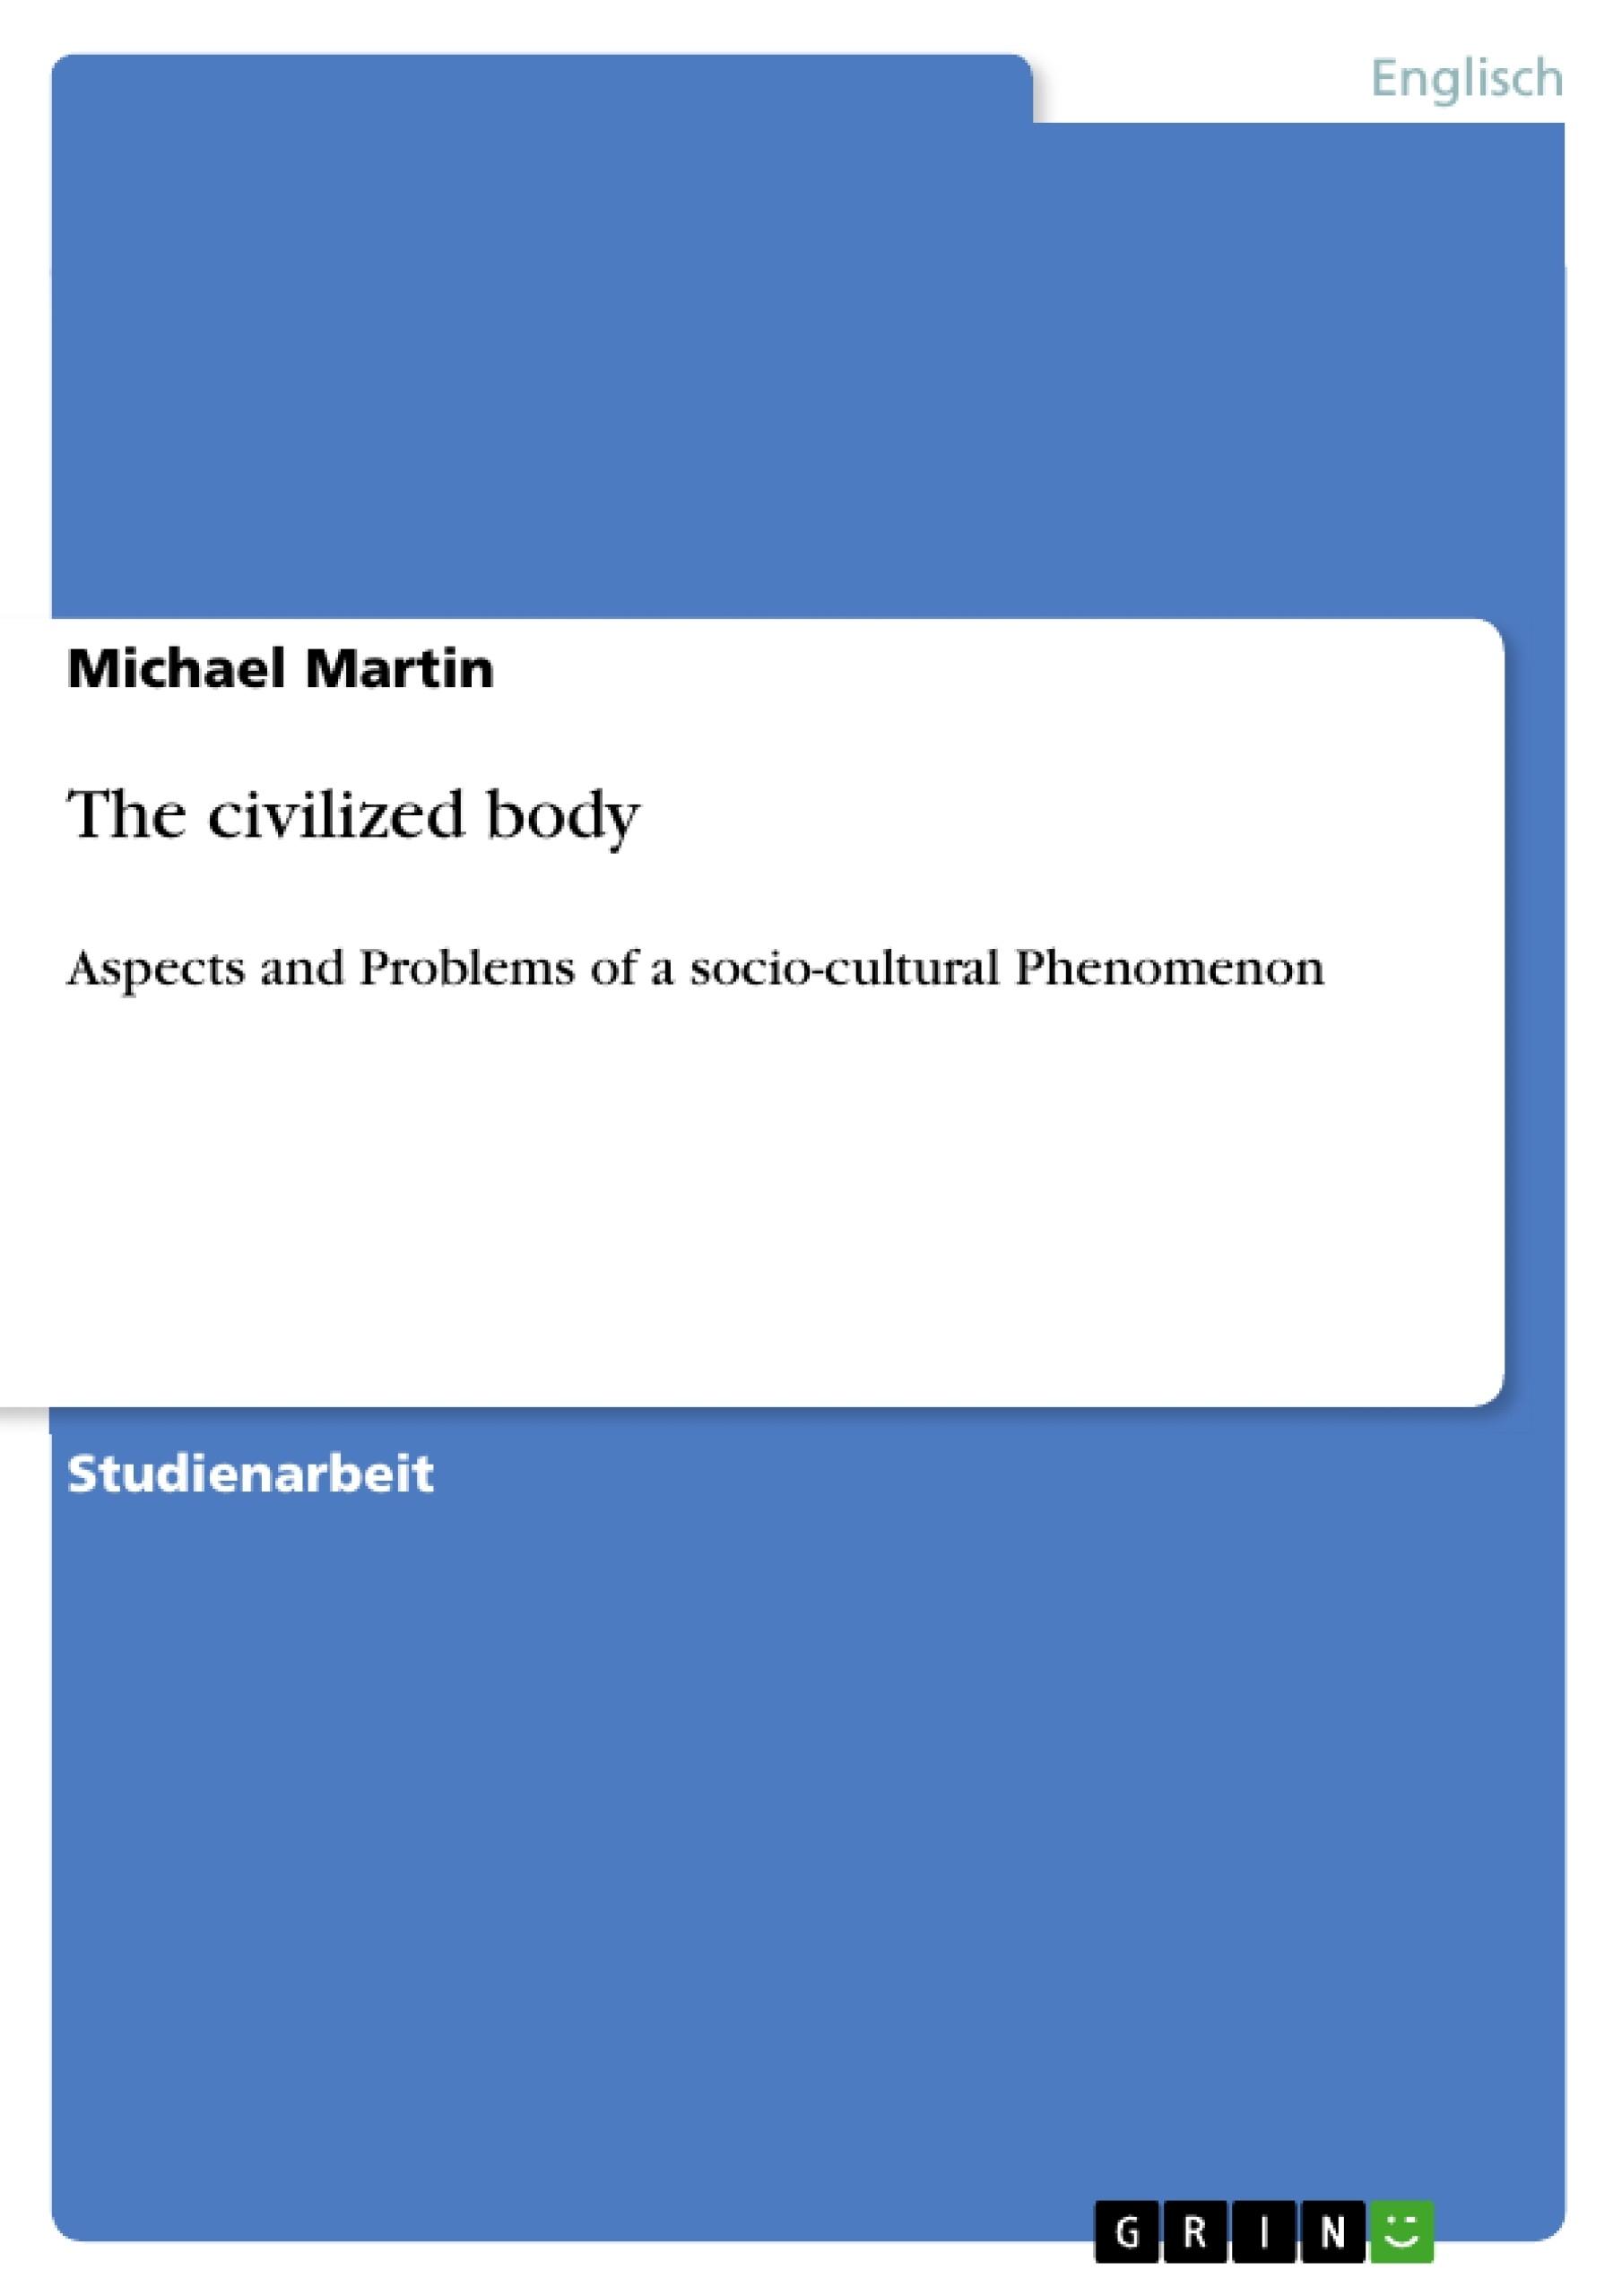 The civilized body: Aspects and Problems of a socio-cultural Phenomenon